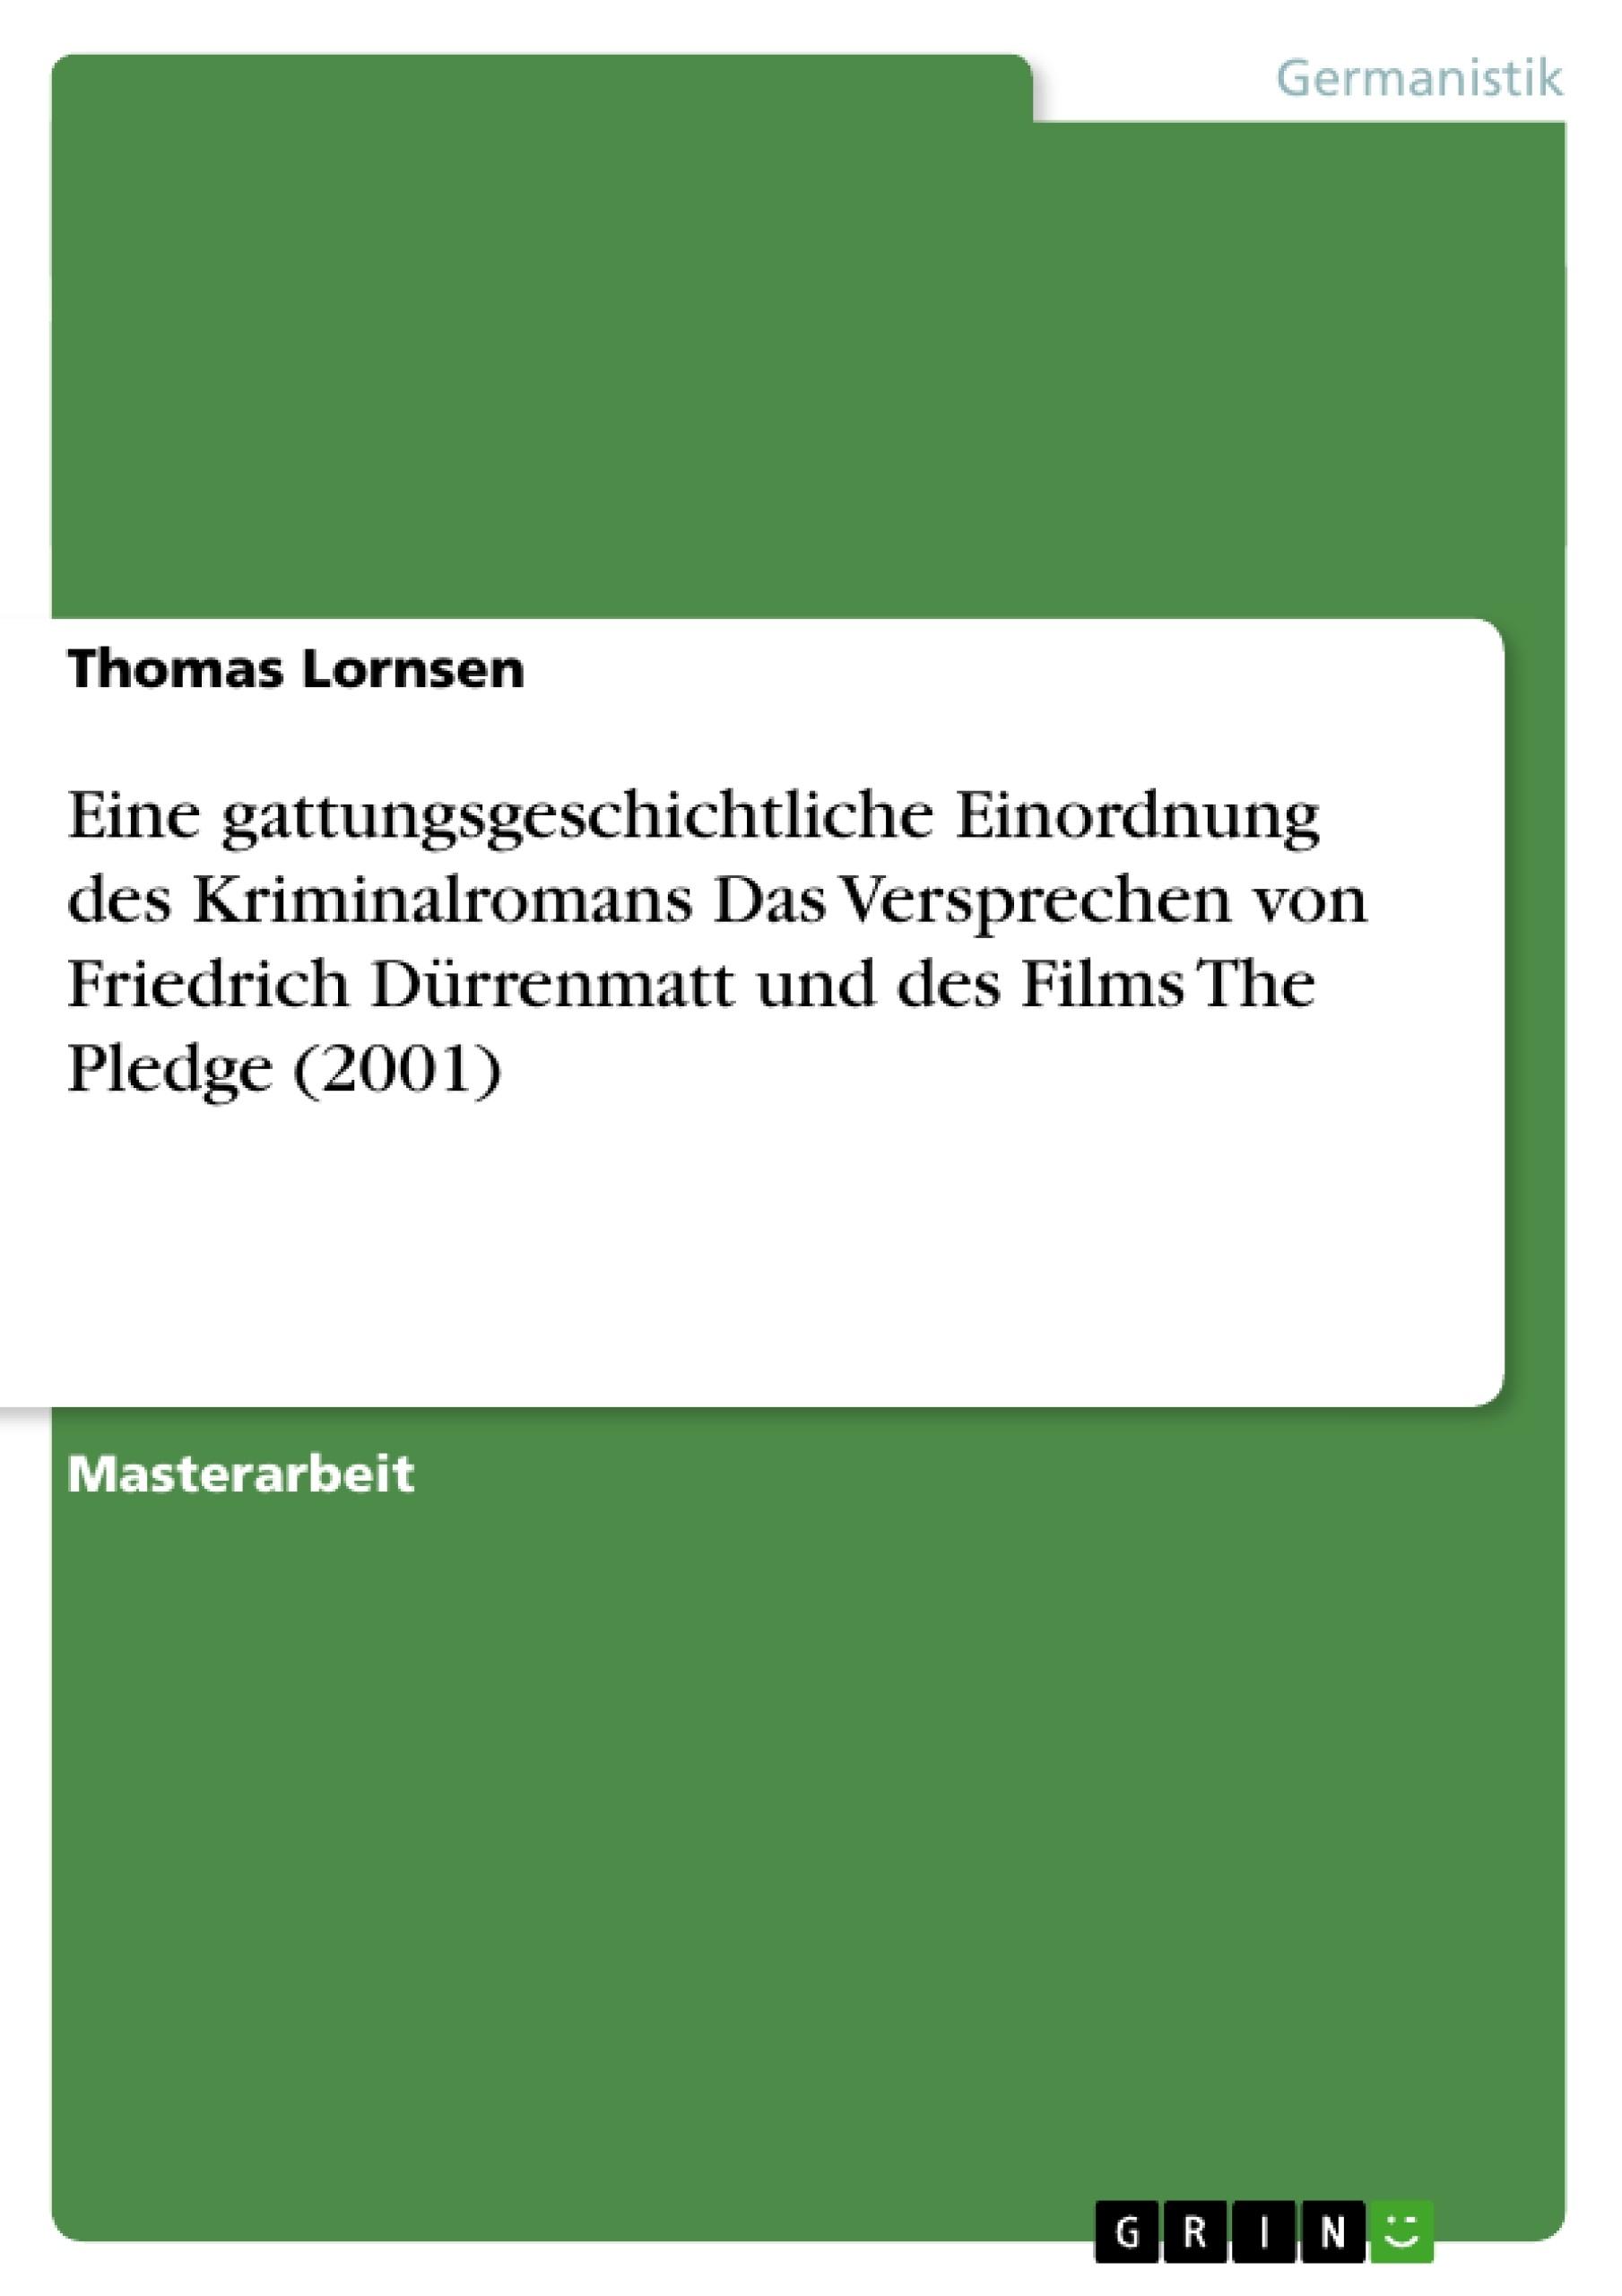 Titel: Eine gattungsgeschichtliche Einordnung des Kriminalromans  Das Versprechen  von Friedrich Dürrenmatt und des Films  The Pledge  (2001)